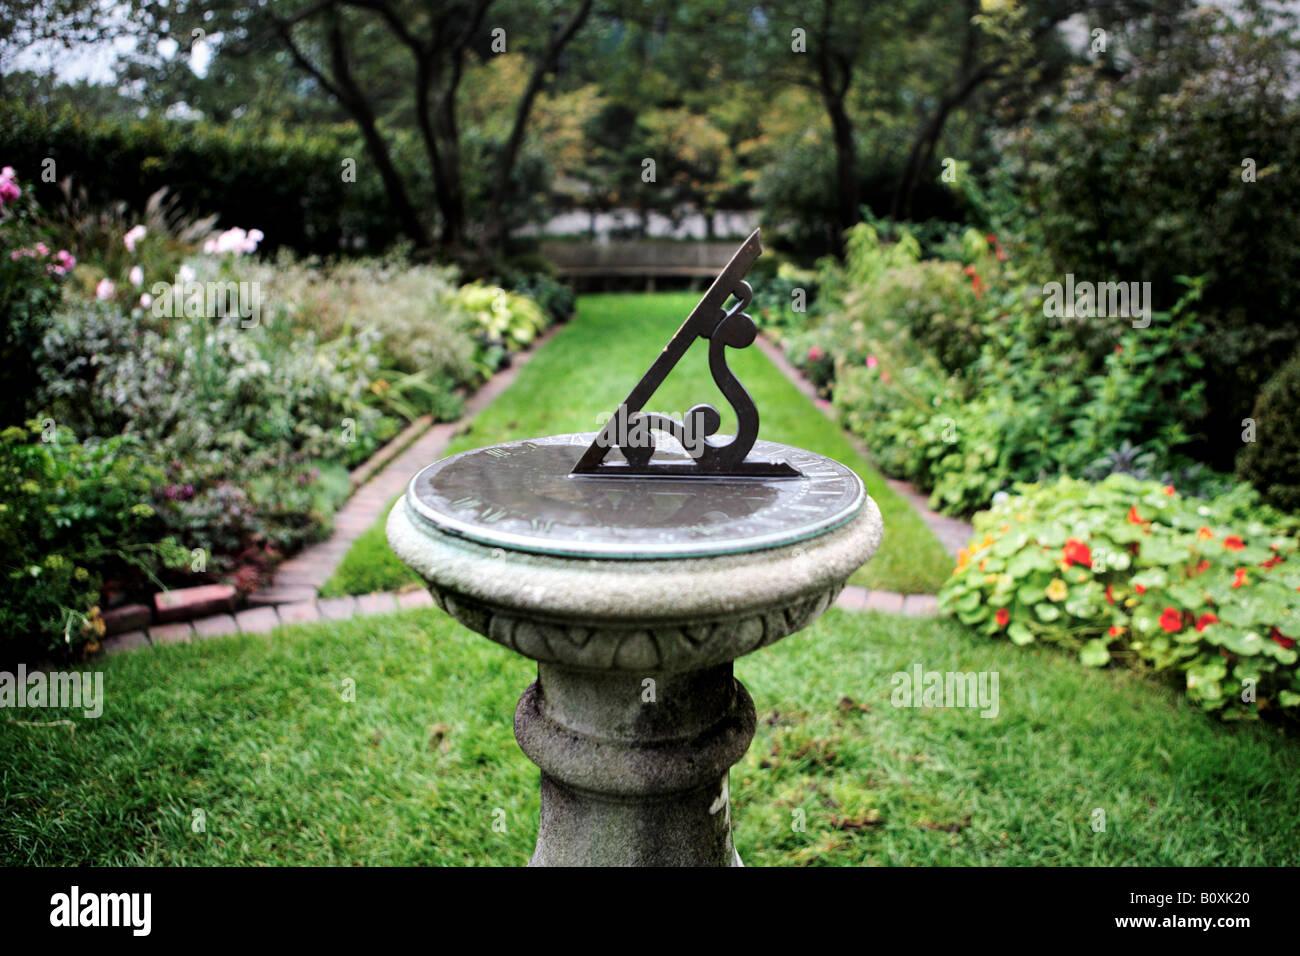 Sundial In Shakespeare Garden Designed By Jens Jensen And